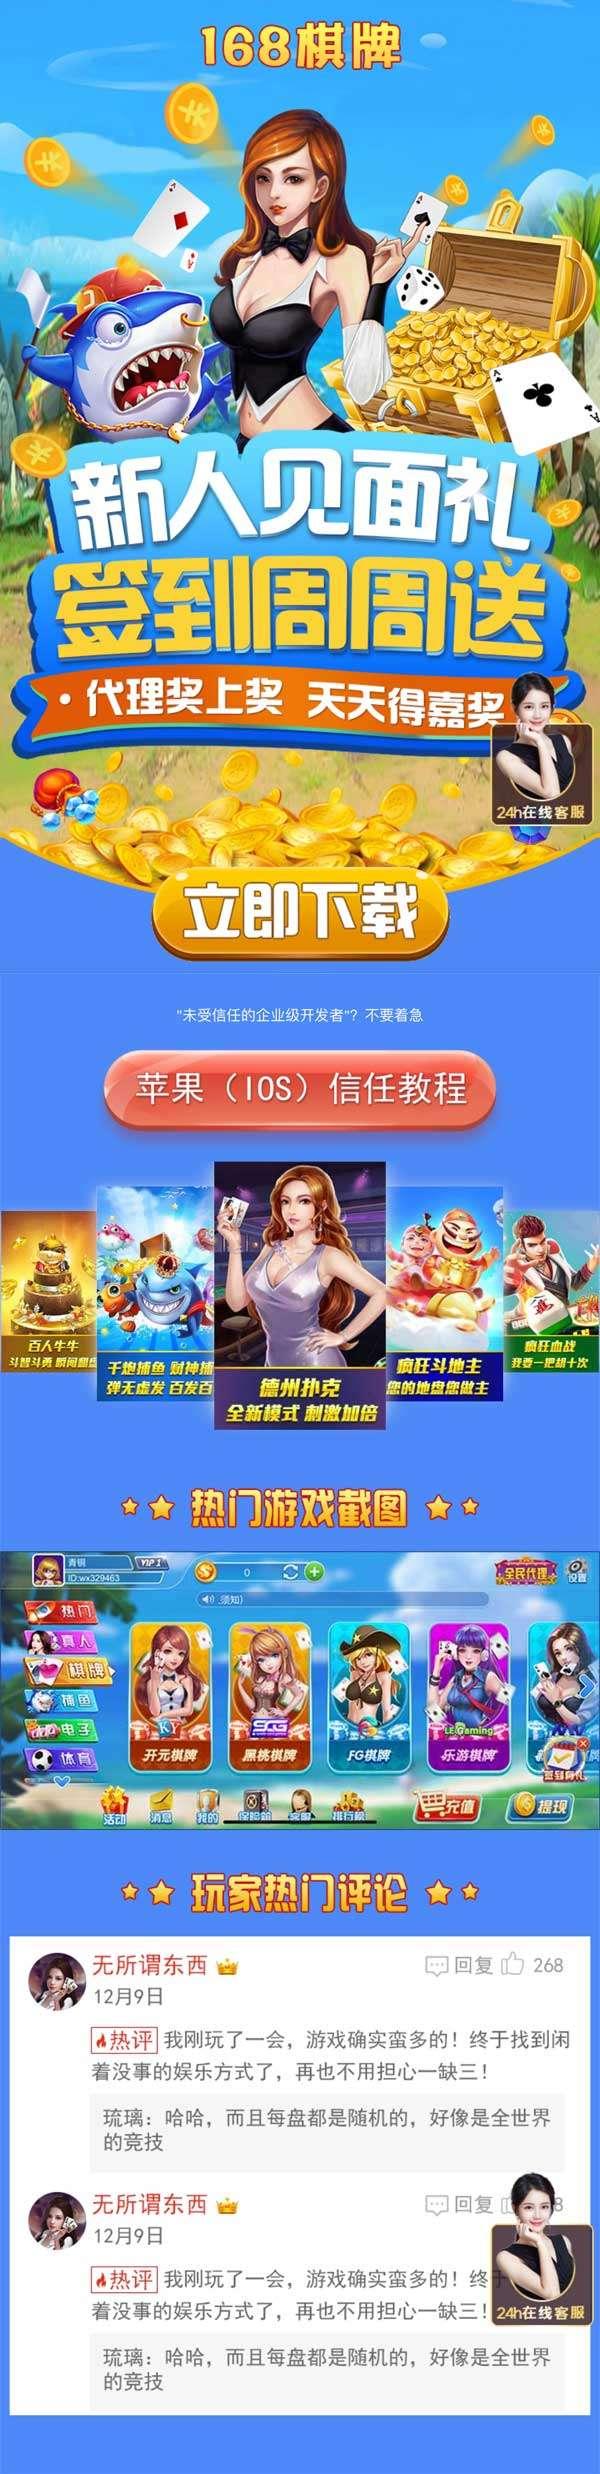 棋牌游戏app下载手机页面